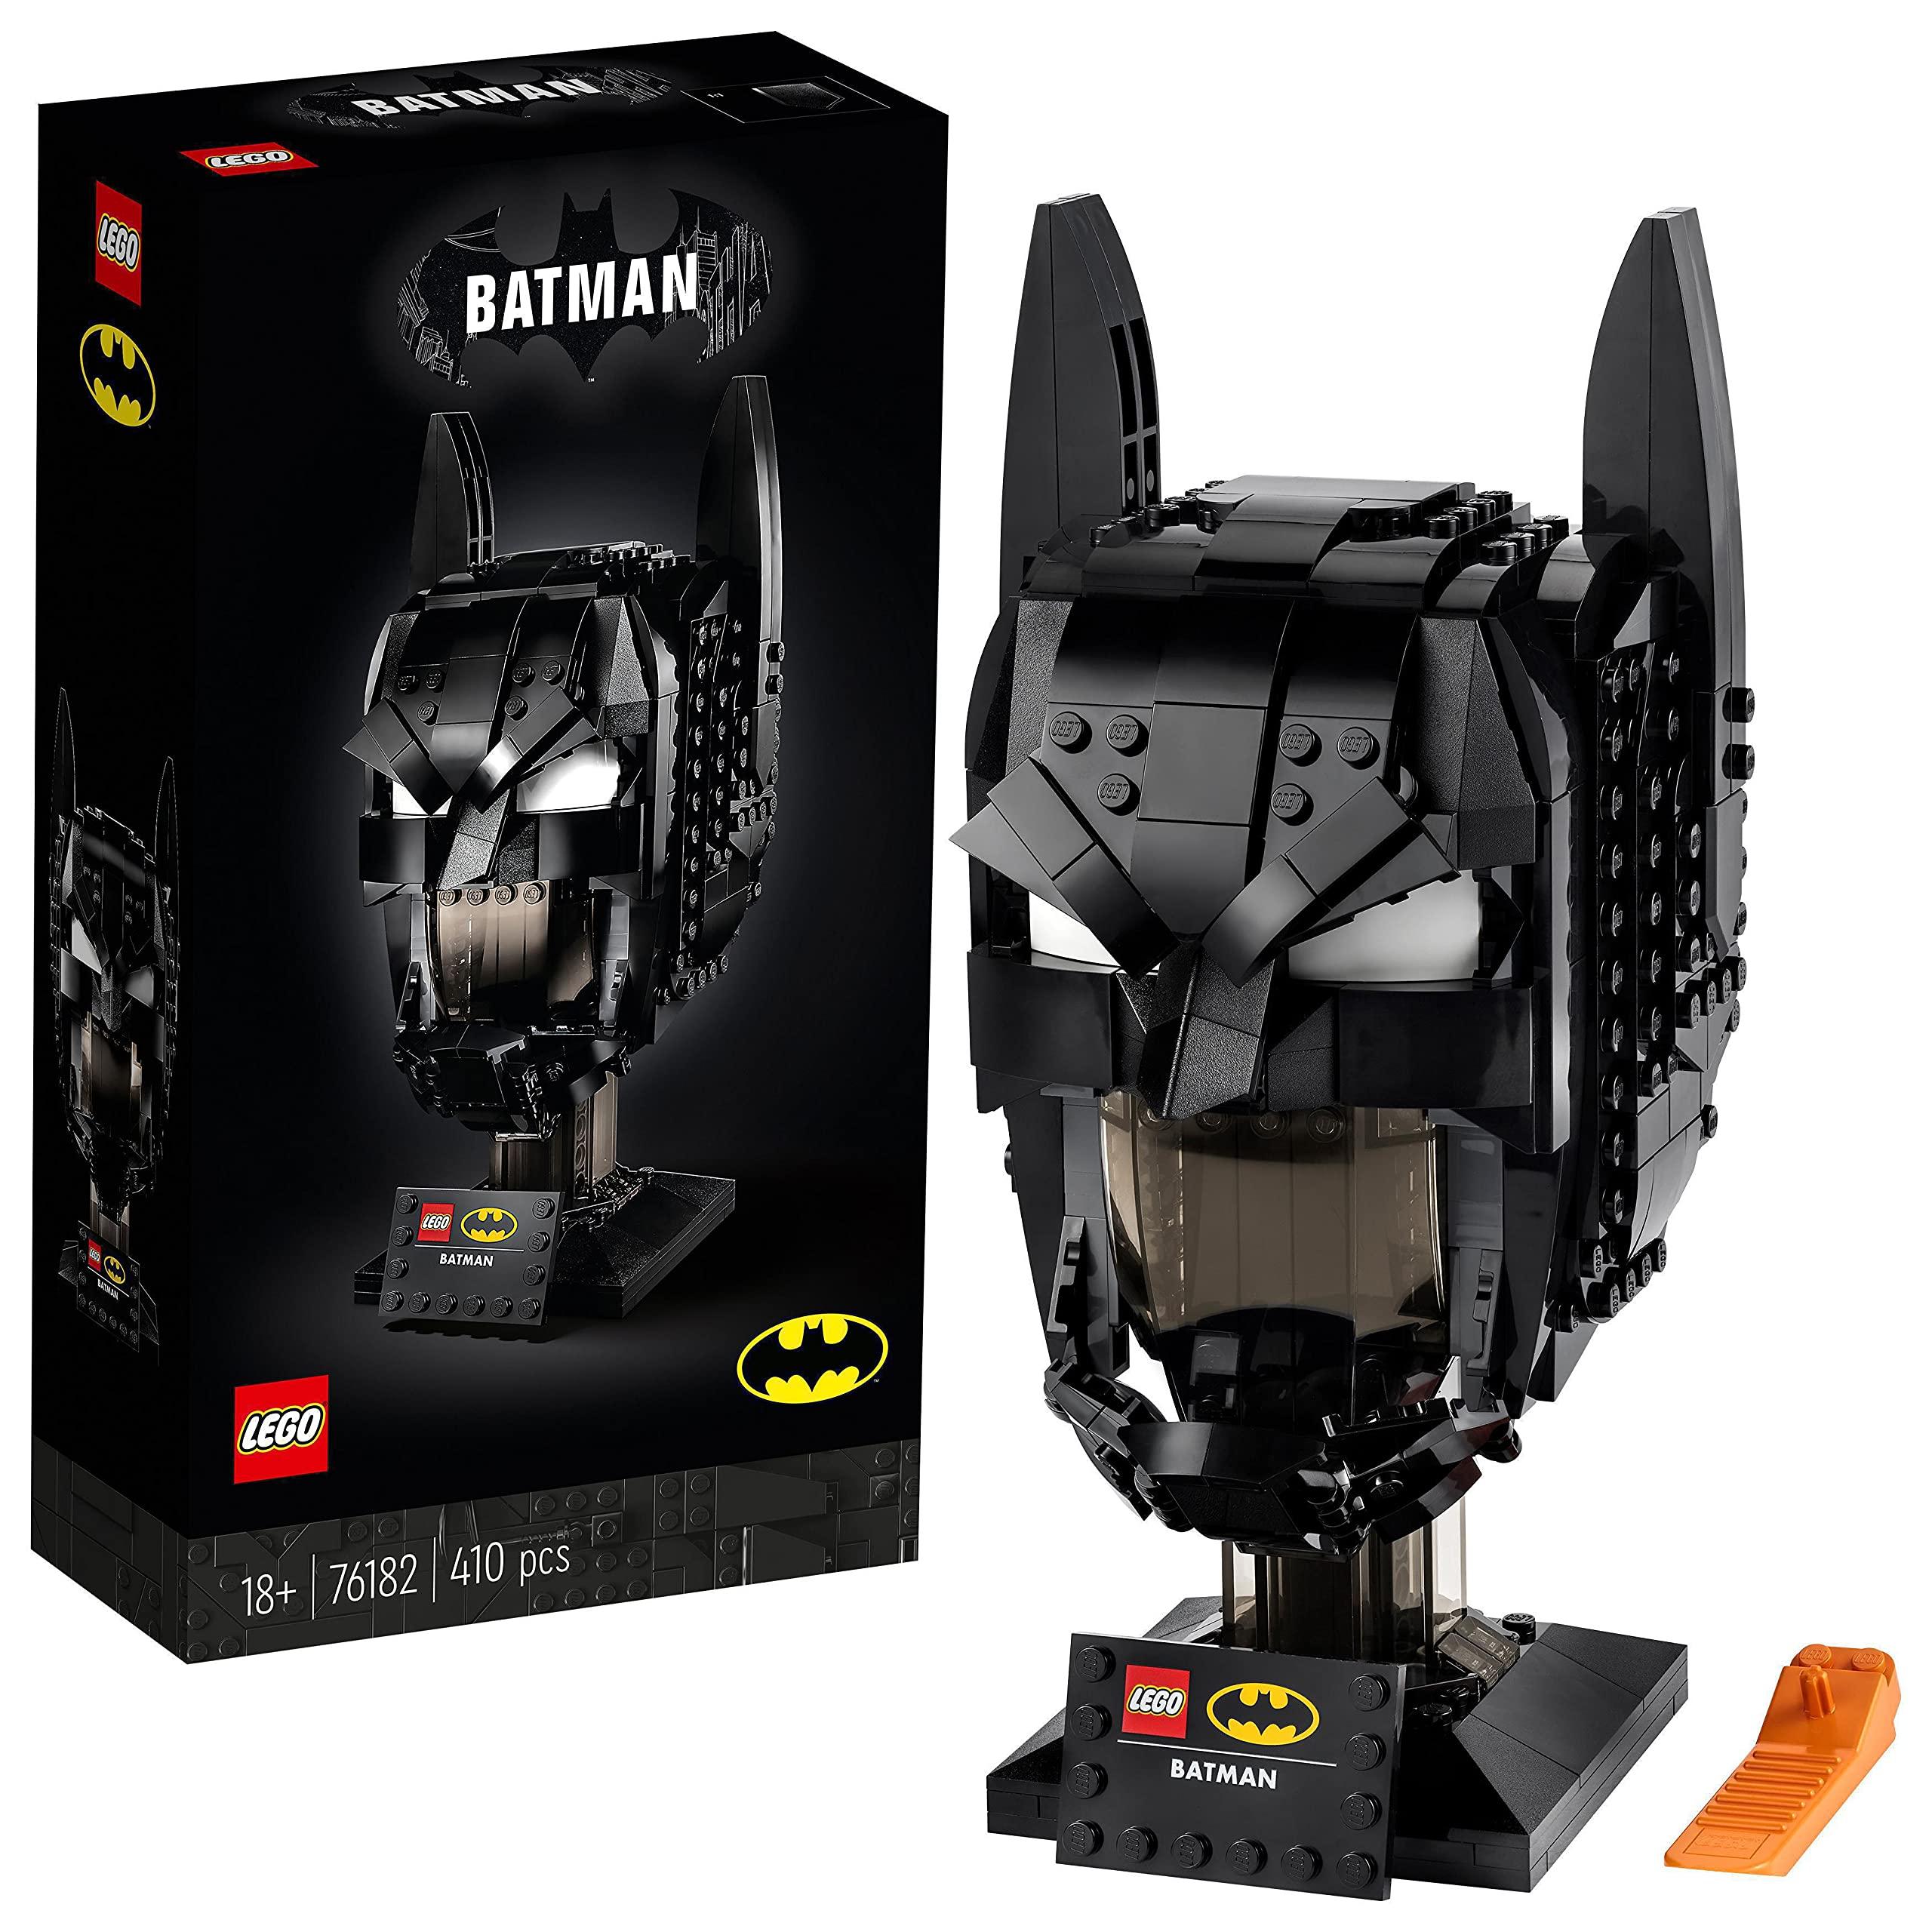 Lego Batman Cappuccio 76182